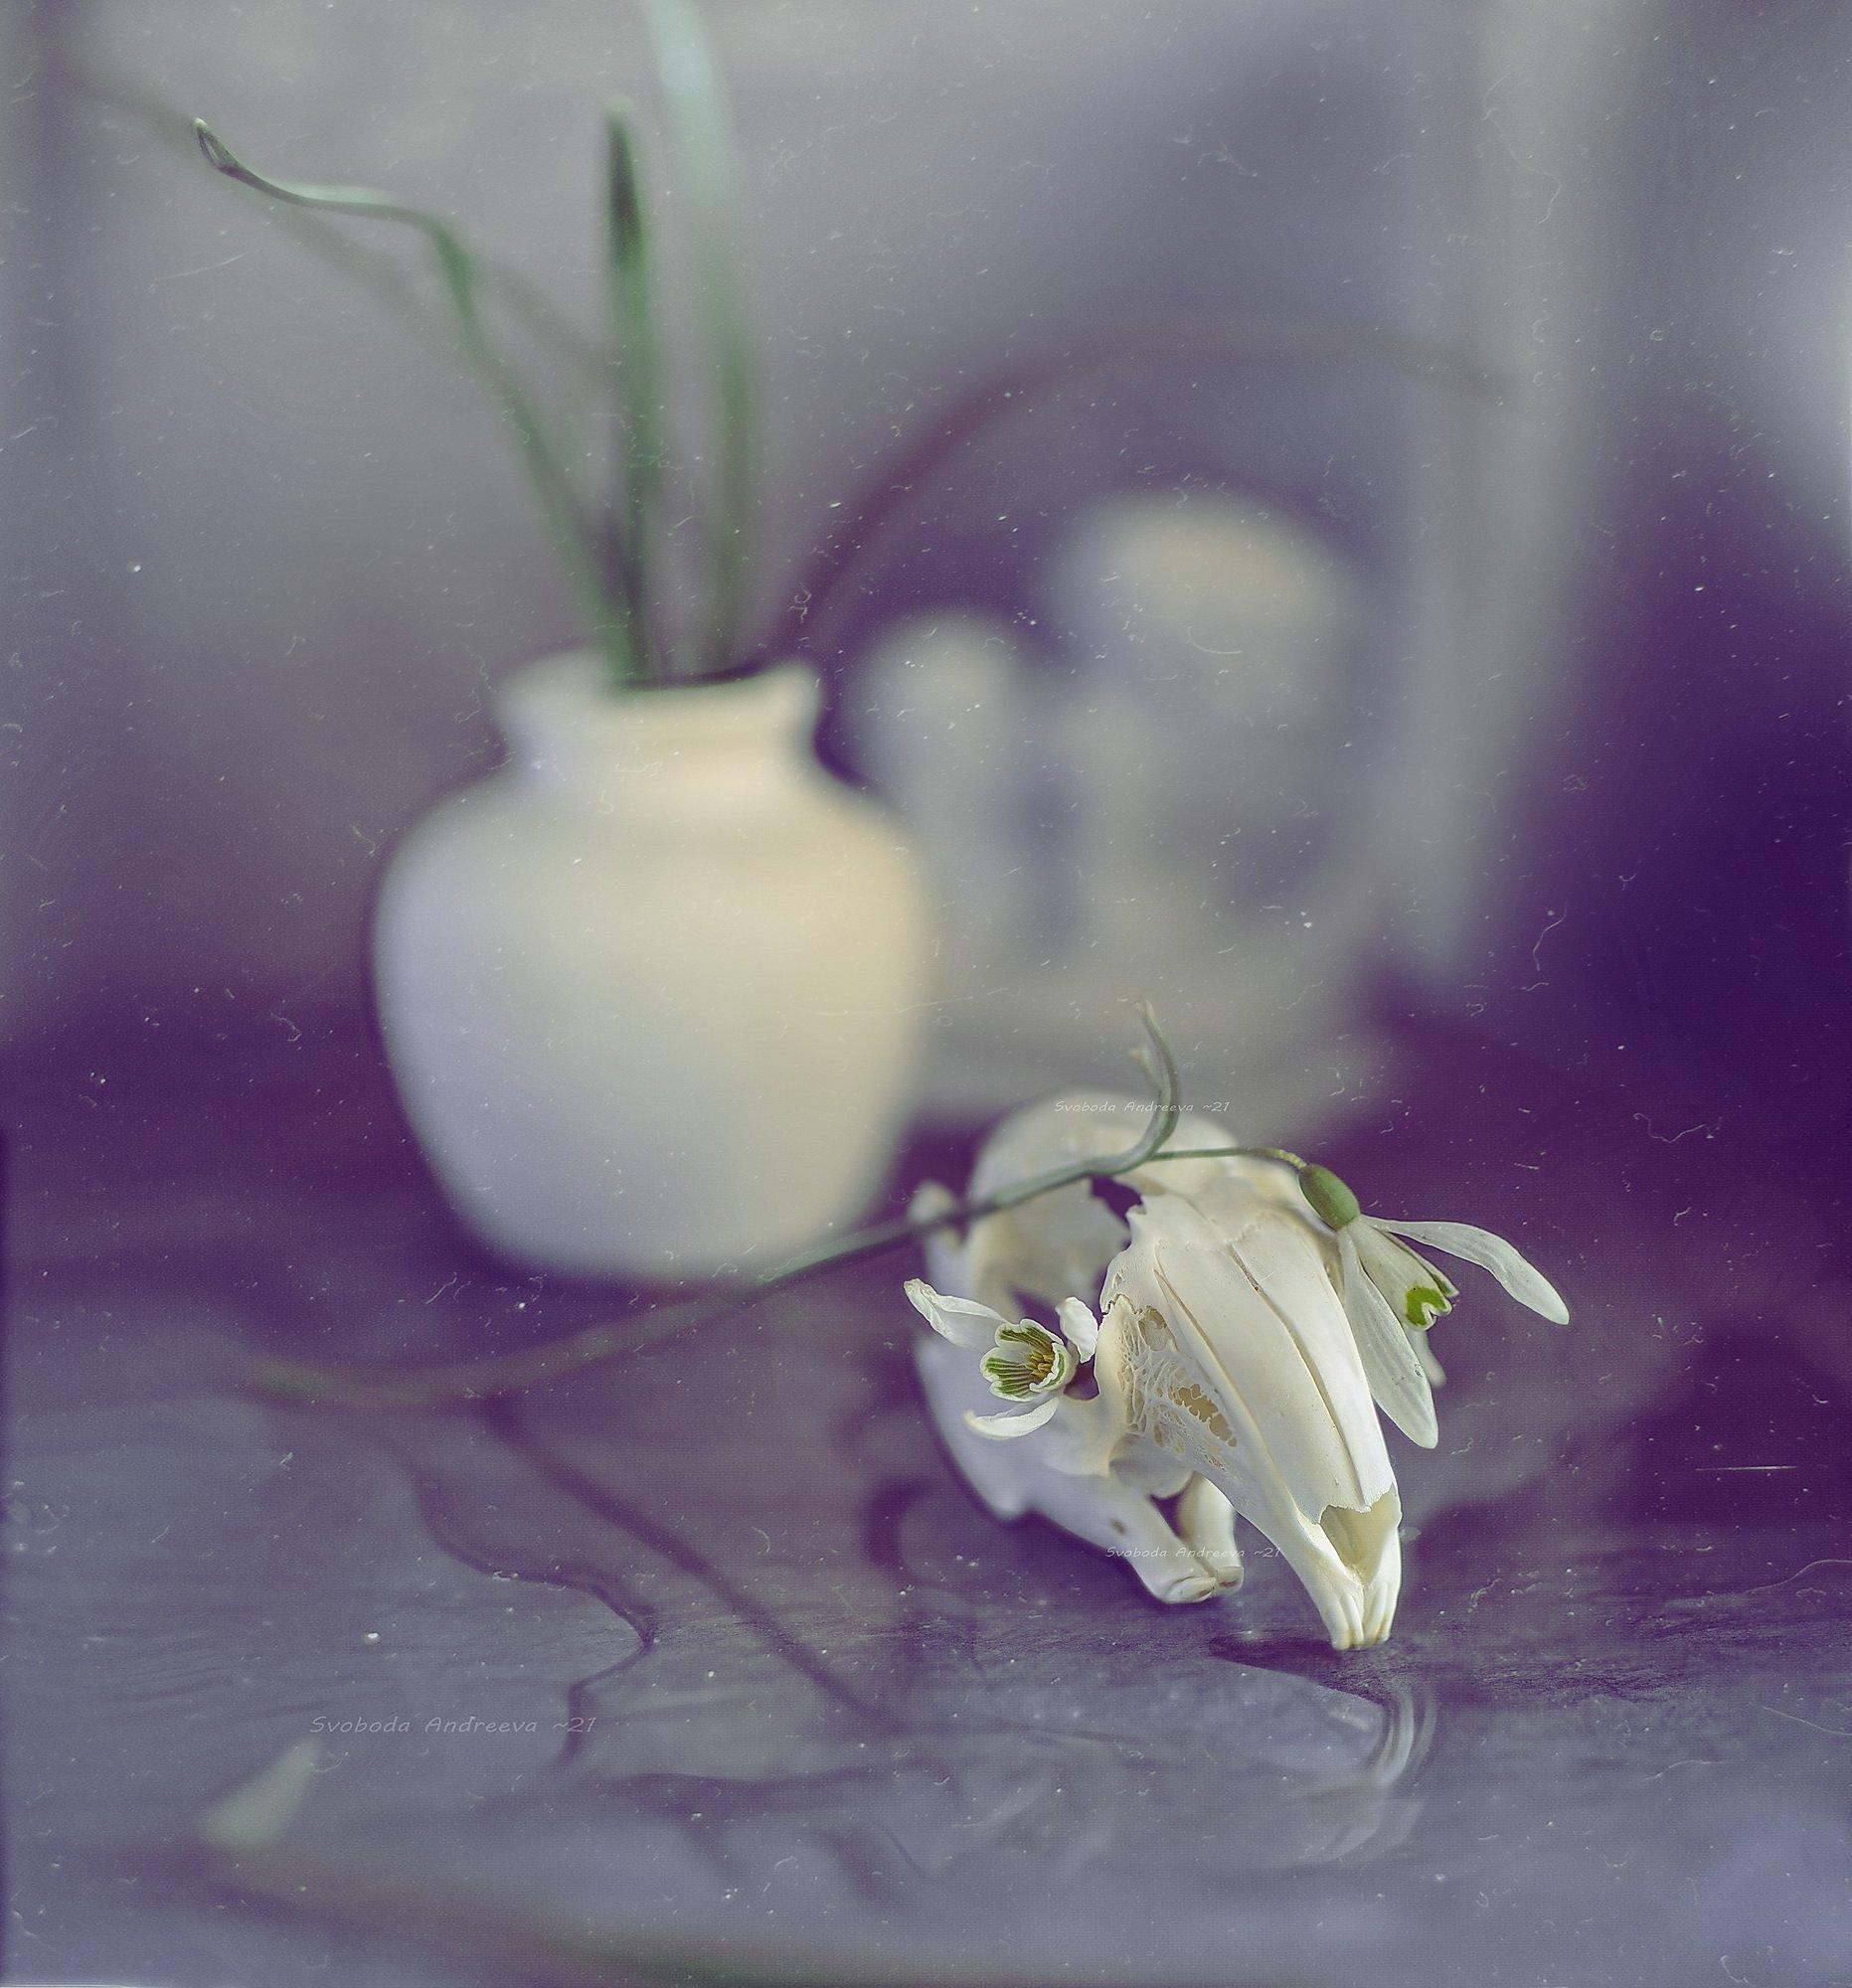 подснежник, череп, кролика, цветы, ваза, весна, белое, голубое, апрель, Andreeva Svoboda